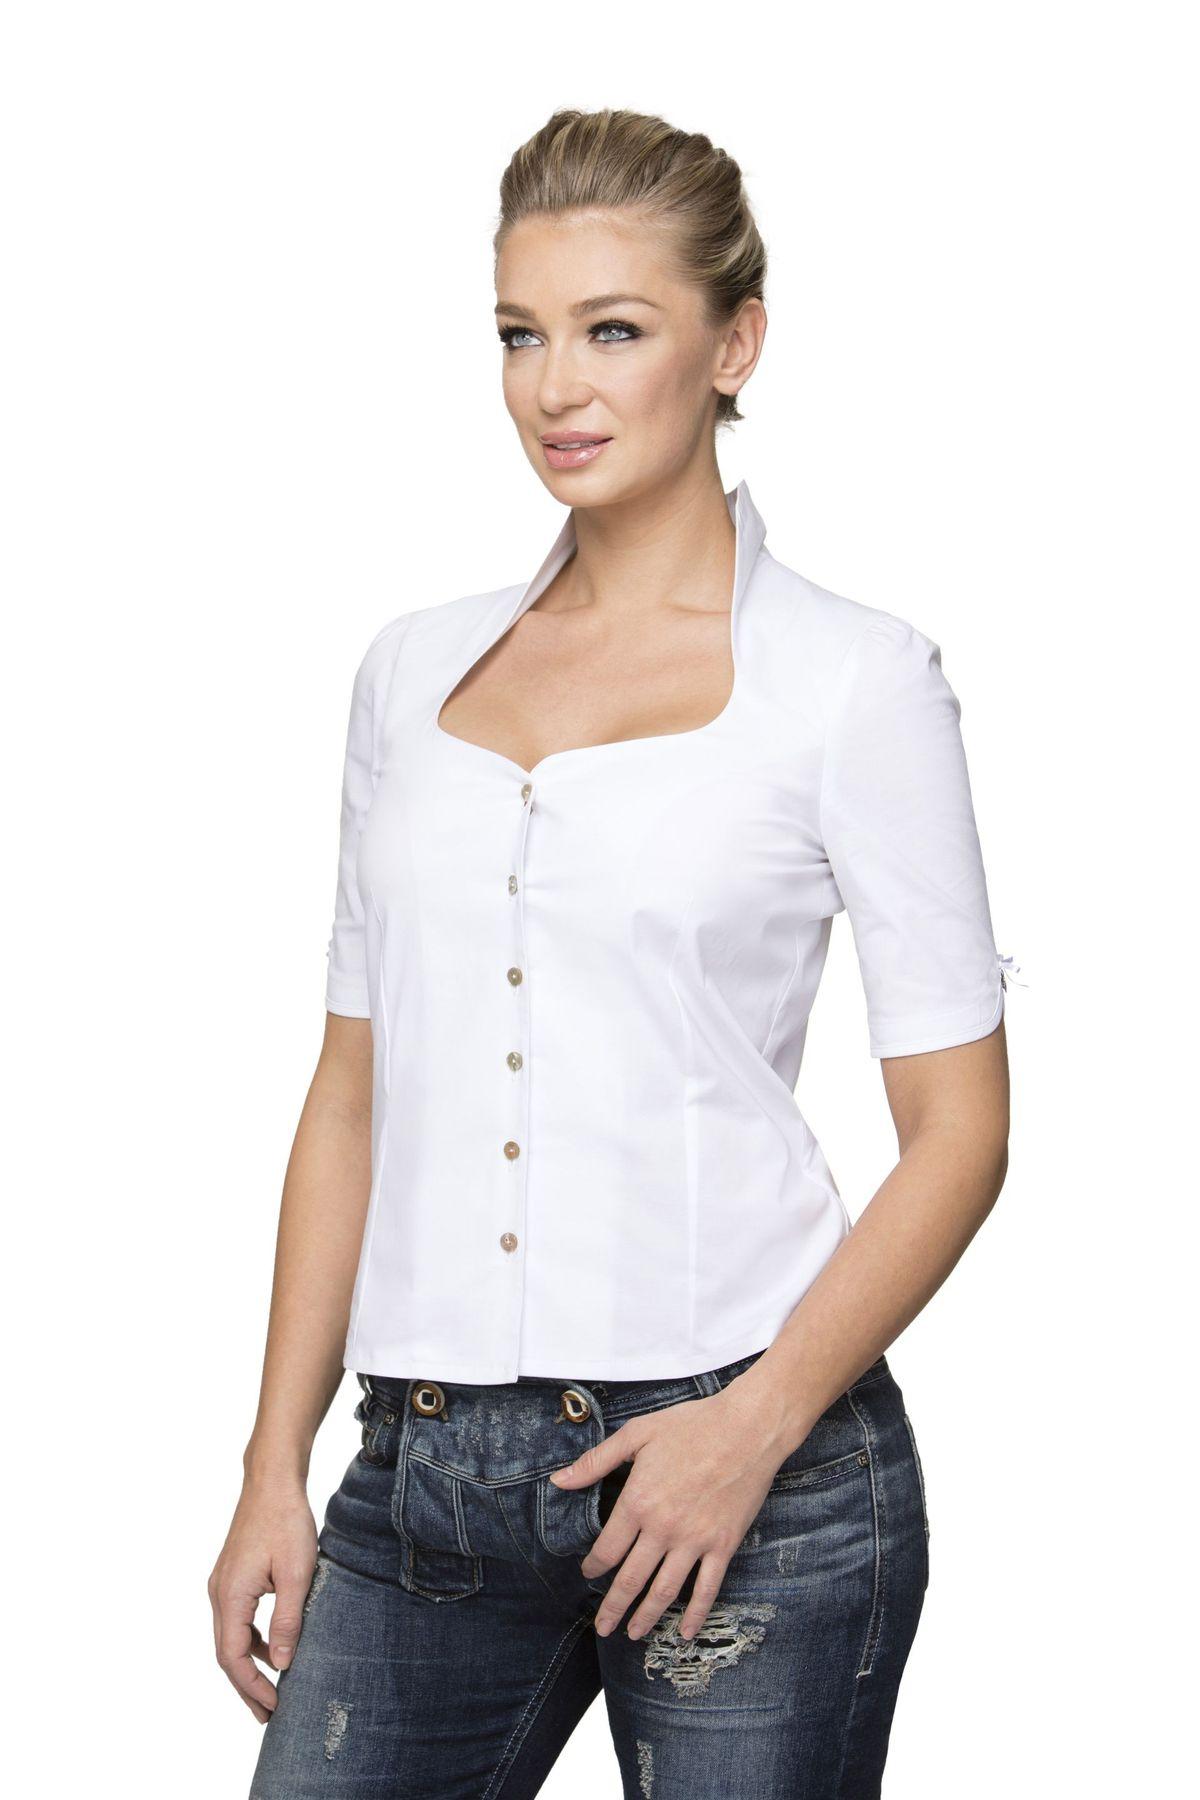 Stockerpoint- Damen Trachten Bluse, Priscilla – Bild 5